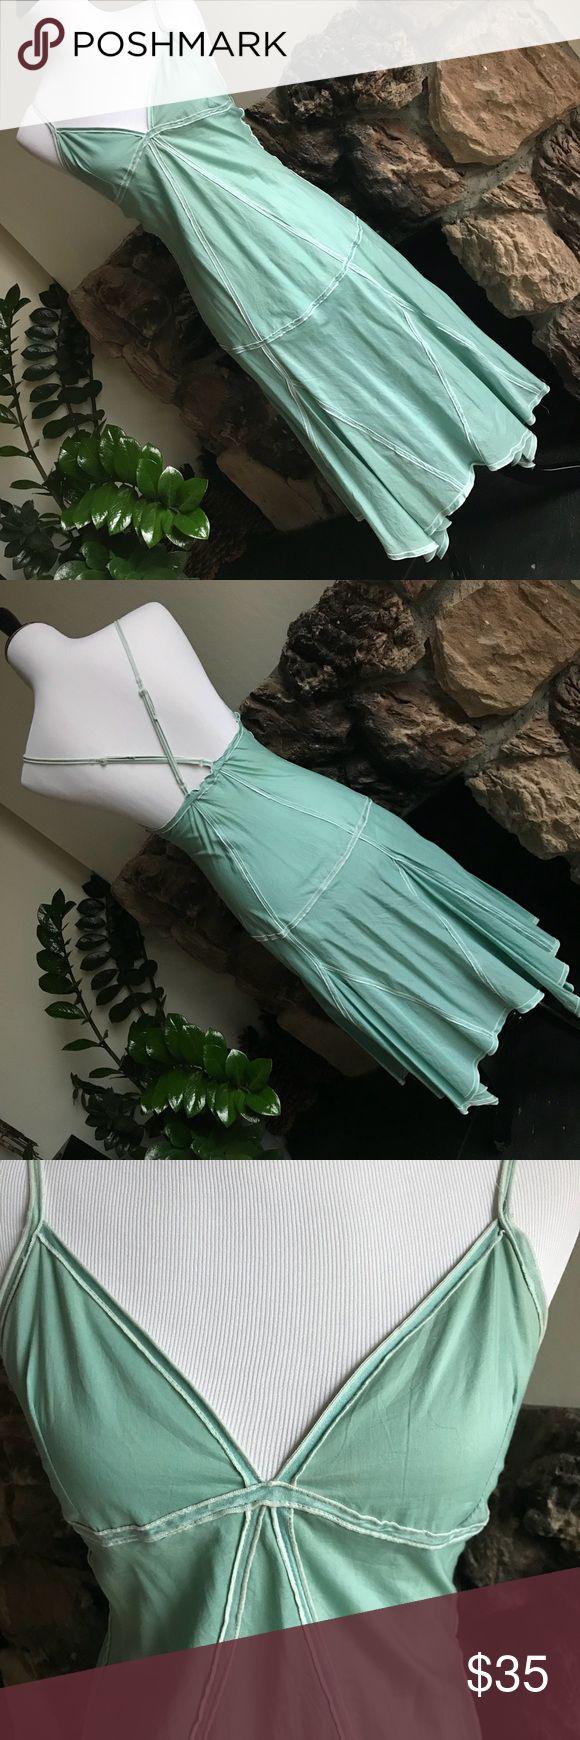 Poison Babe Aqua Blue Sundress Indie label from Indonesia Poison Babe Aqua Blue Dress with geometric details. Straps are adjustable. 100% cotton. Poison Babe Dresses